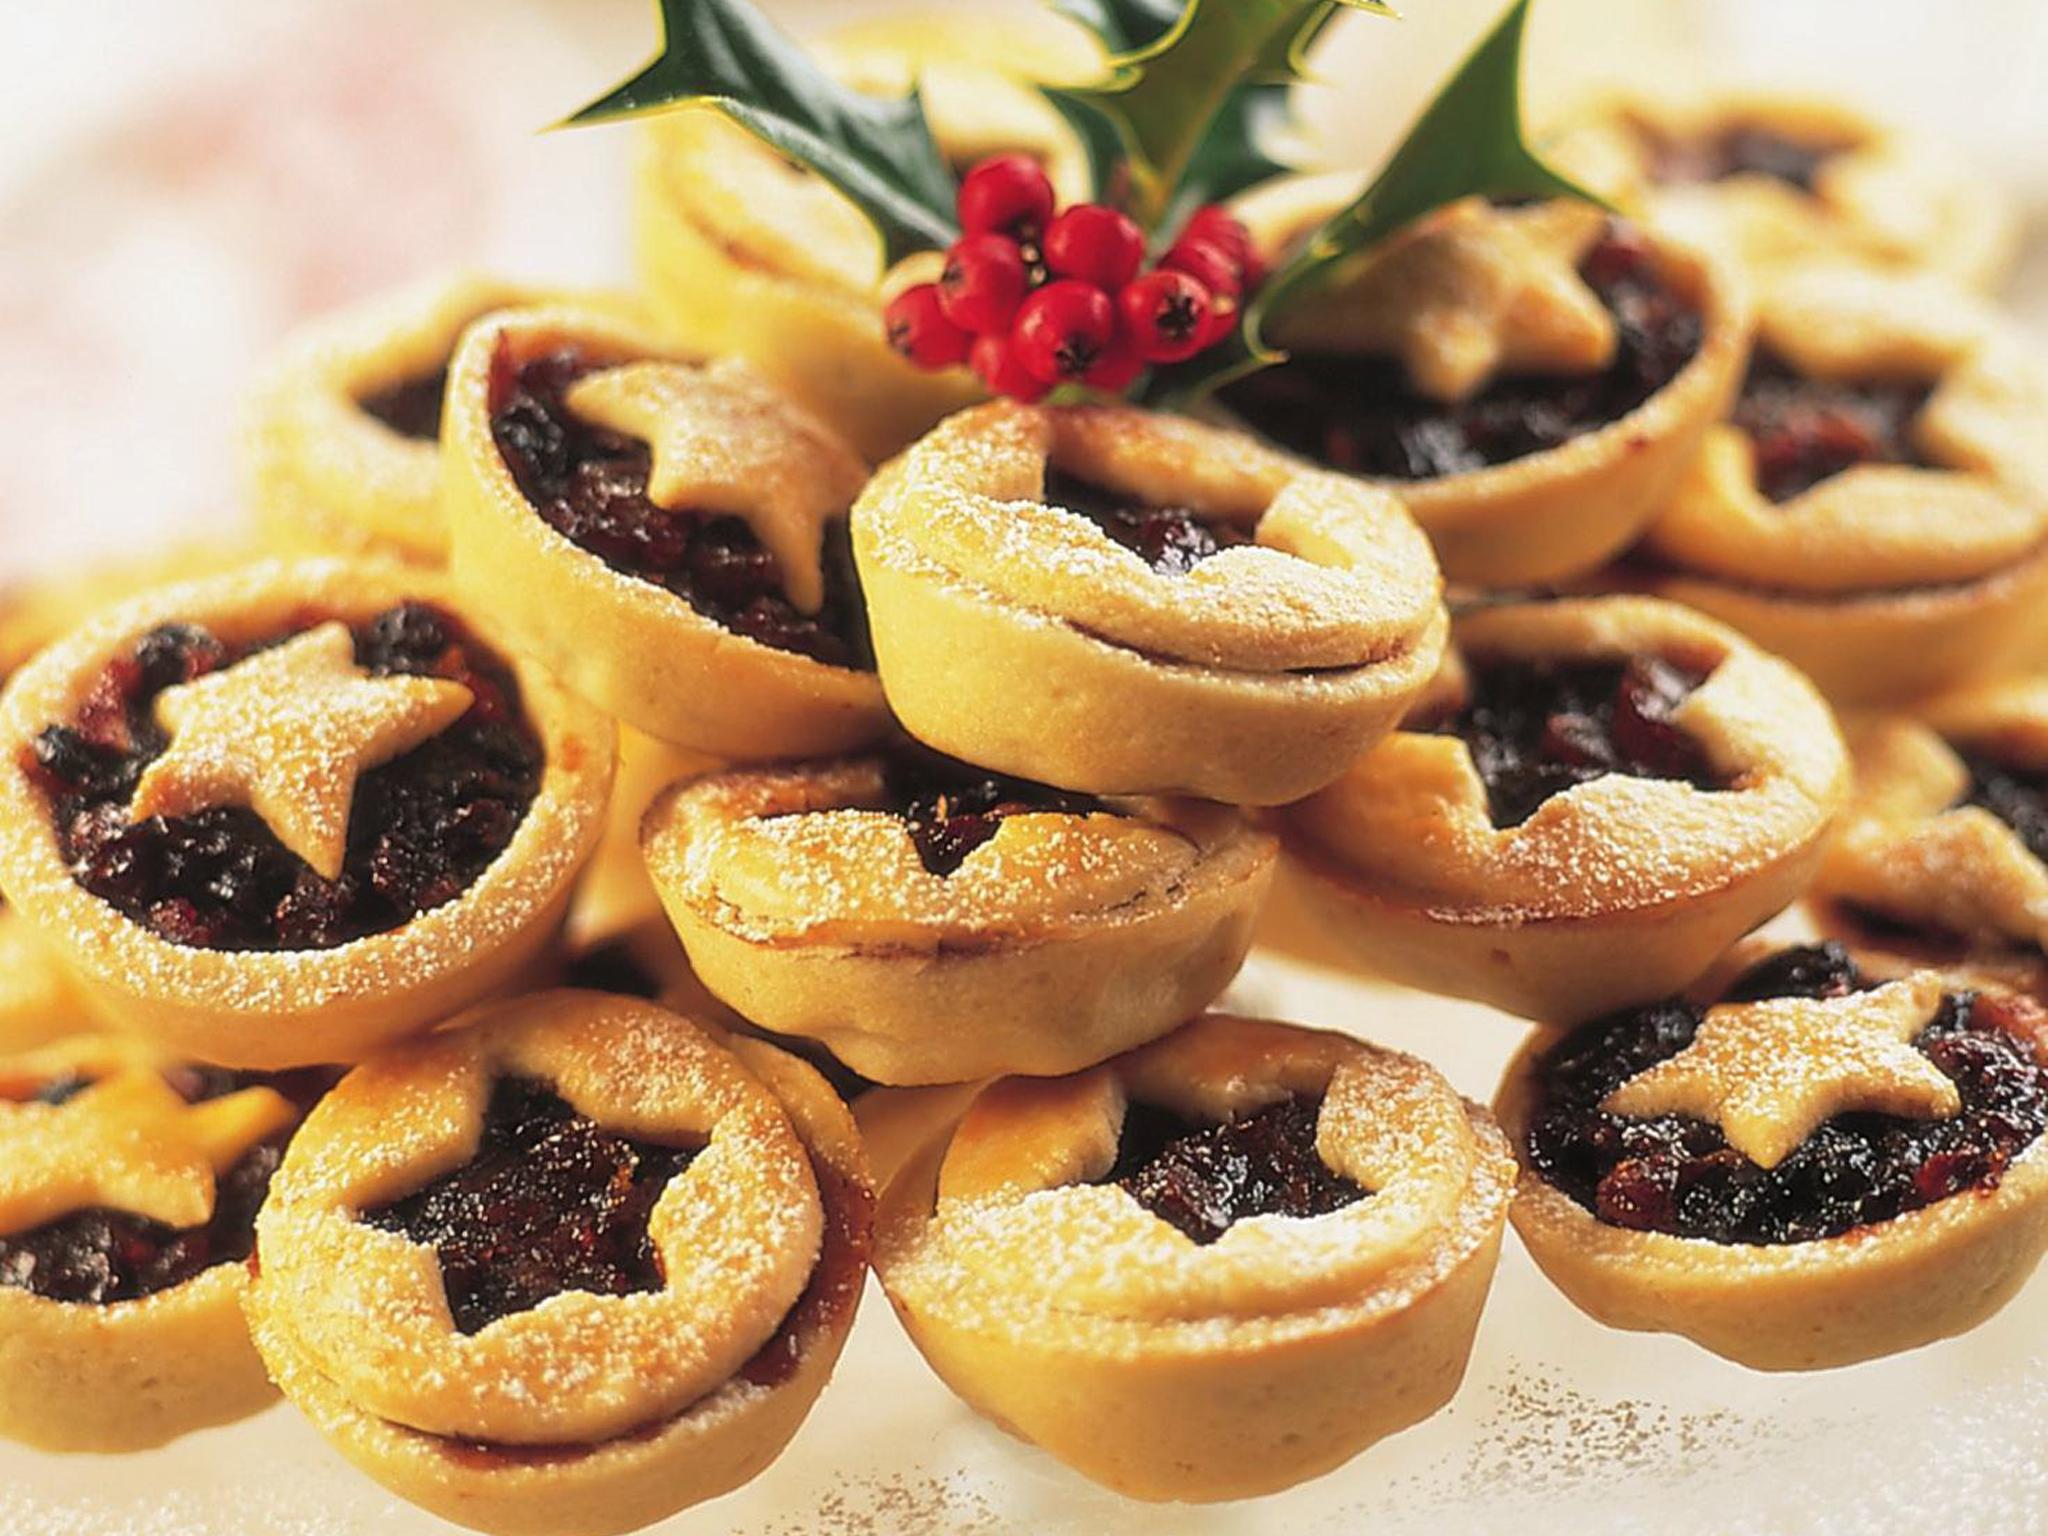 BBC Food - Recipes - Mince pies